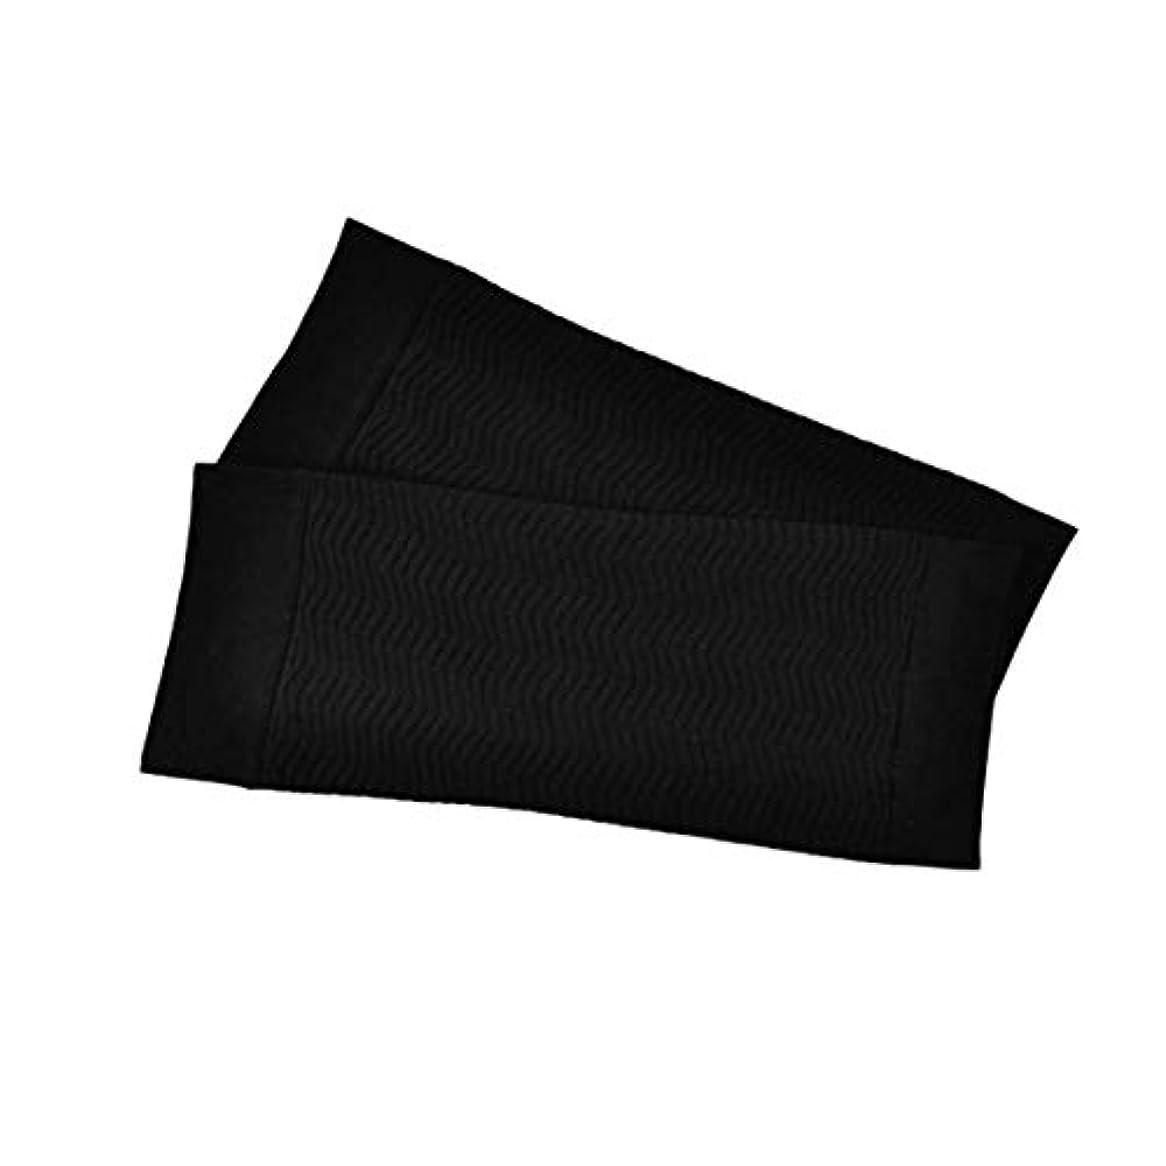 ぶら下がるレタス死すべき1ペア680 D圧縮アームシェイパーワークアウトトーニングバーンセルライトスリミングアームスリーブ脂肪燃焼半袖用女性 - ブラック